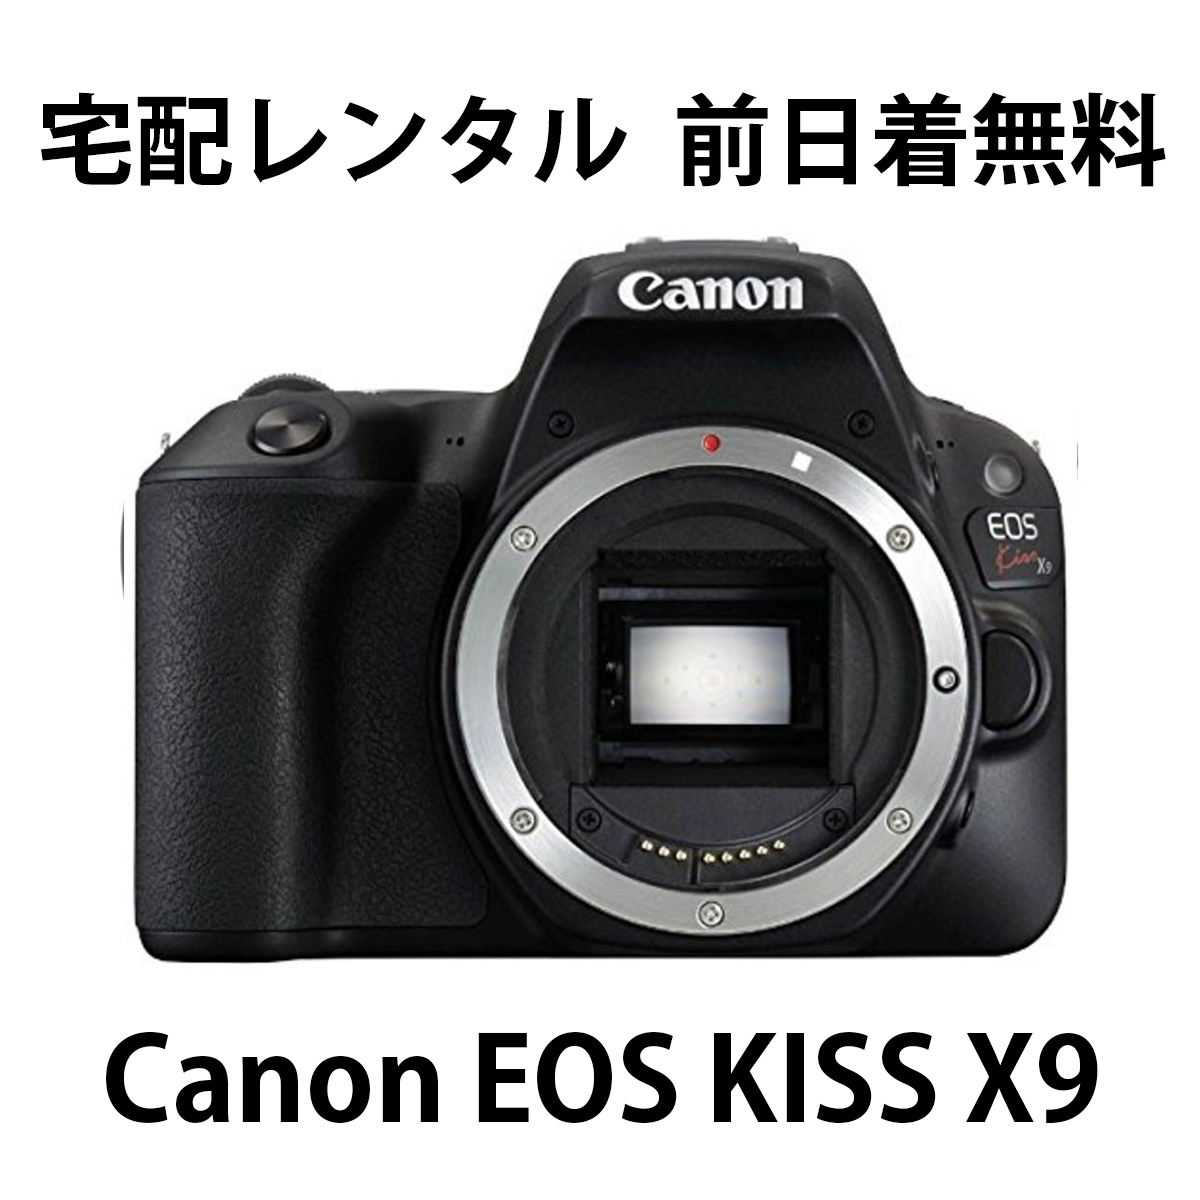 宅配レンタル★Canon EOS Kiss X9 ボディ★380円/日 前日着